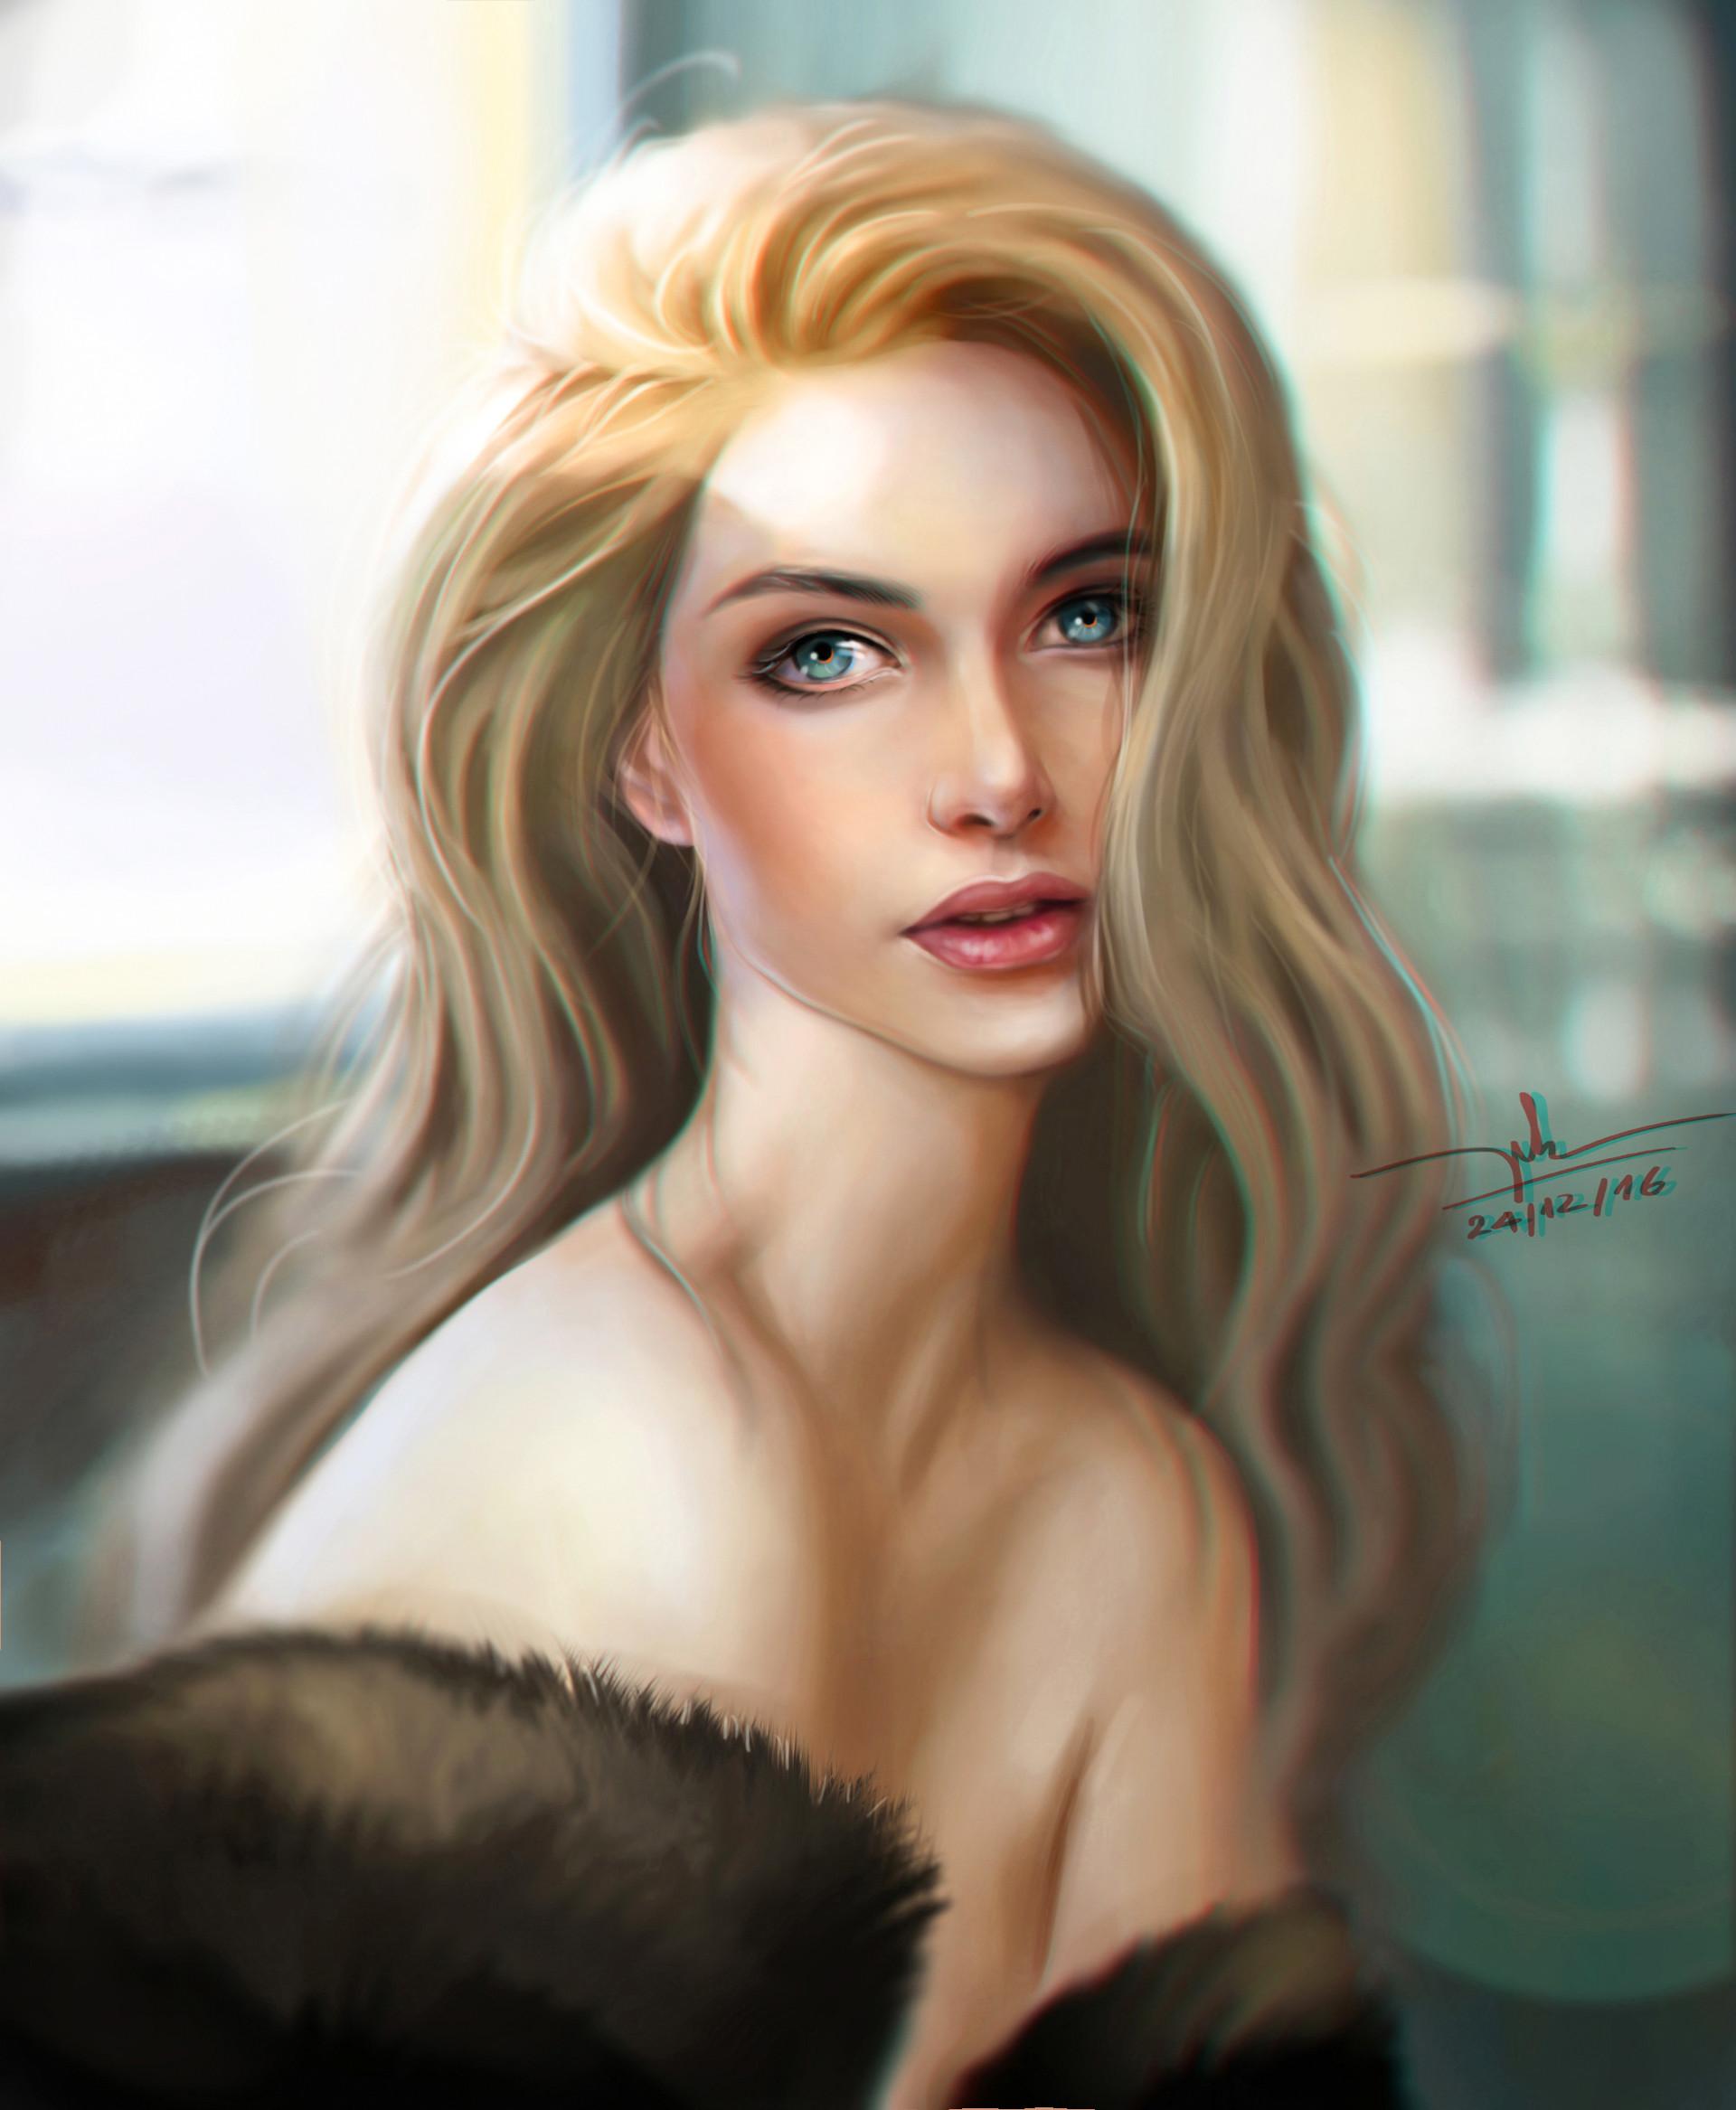 Красивый эротический портрет девушки — 1